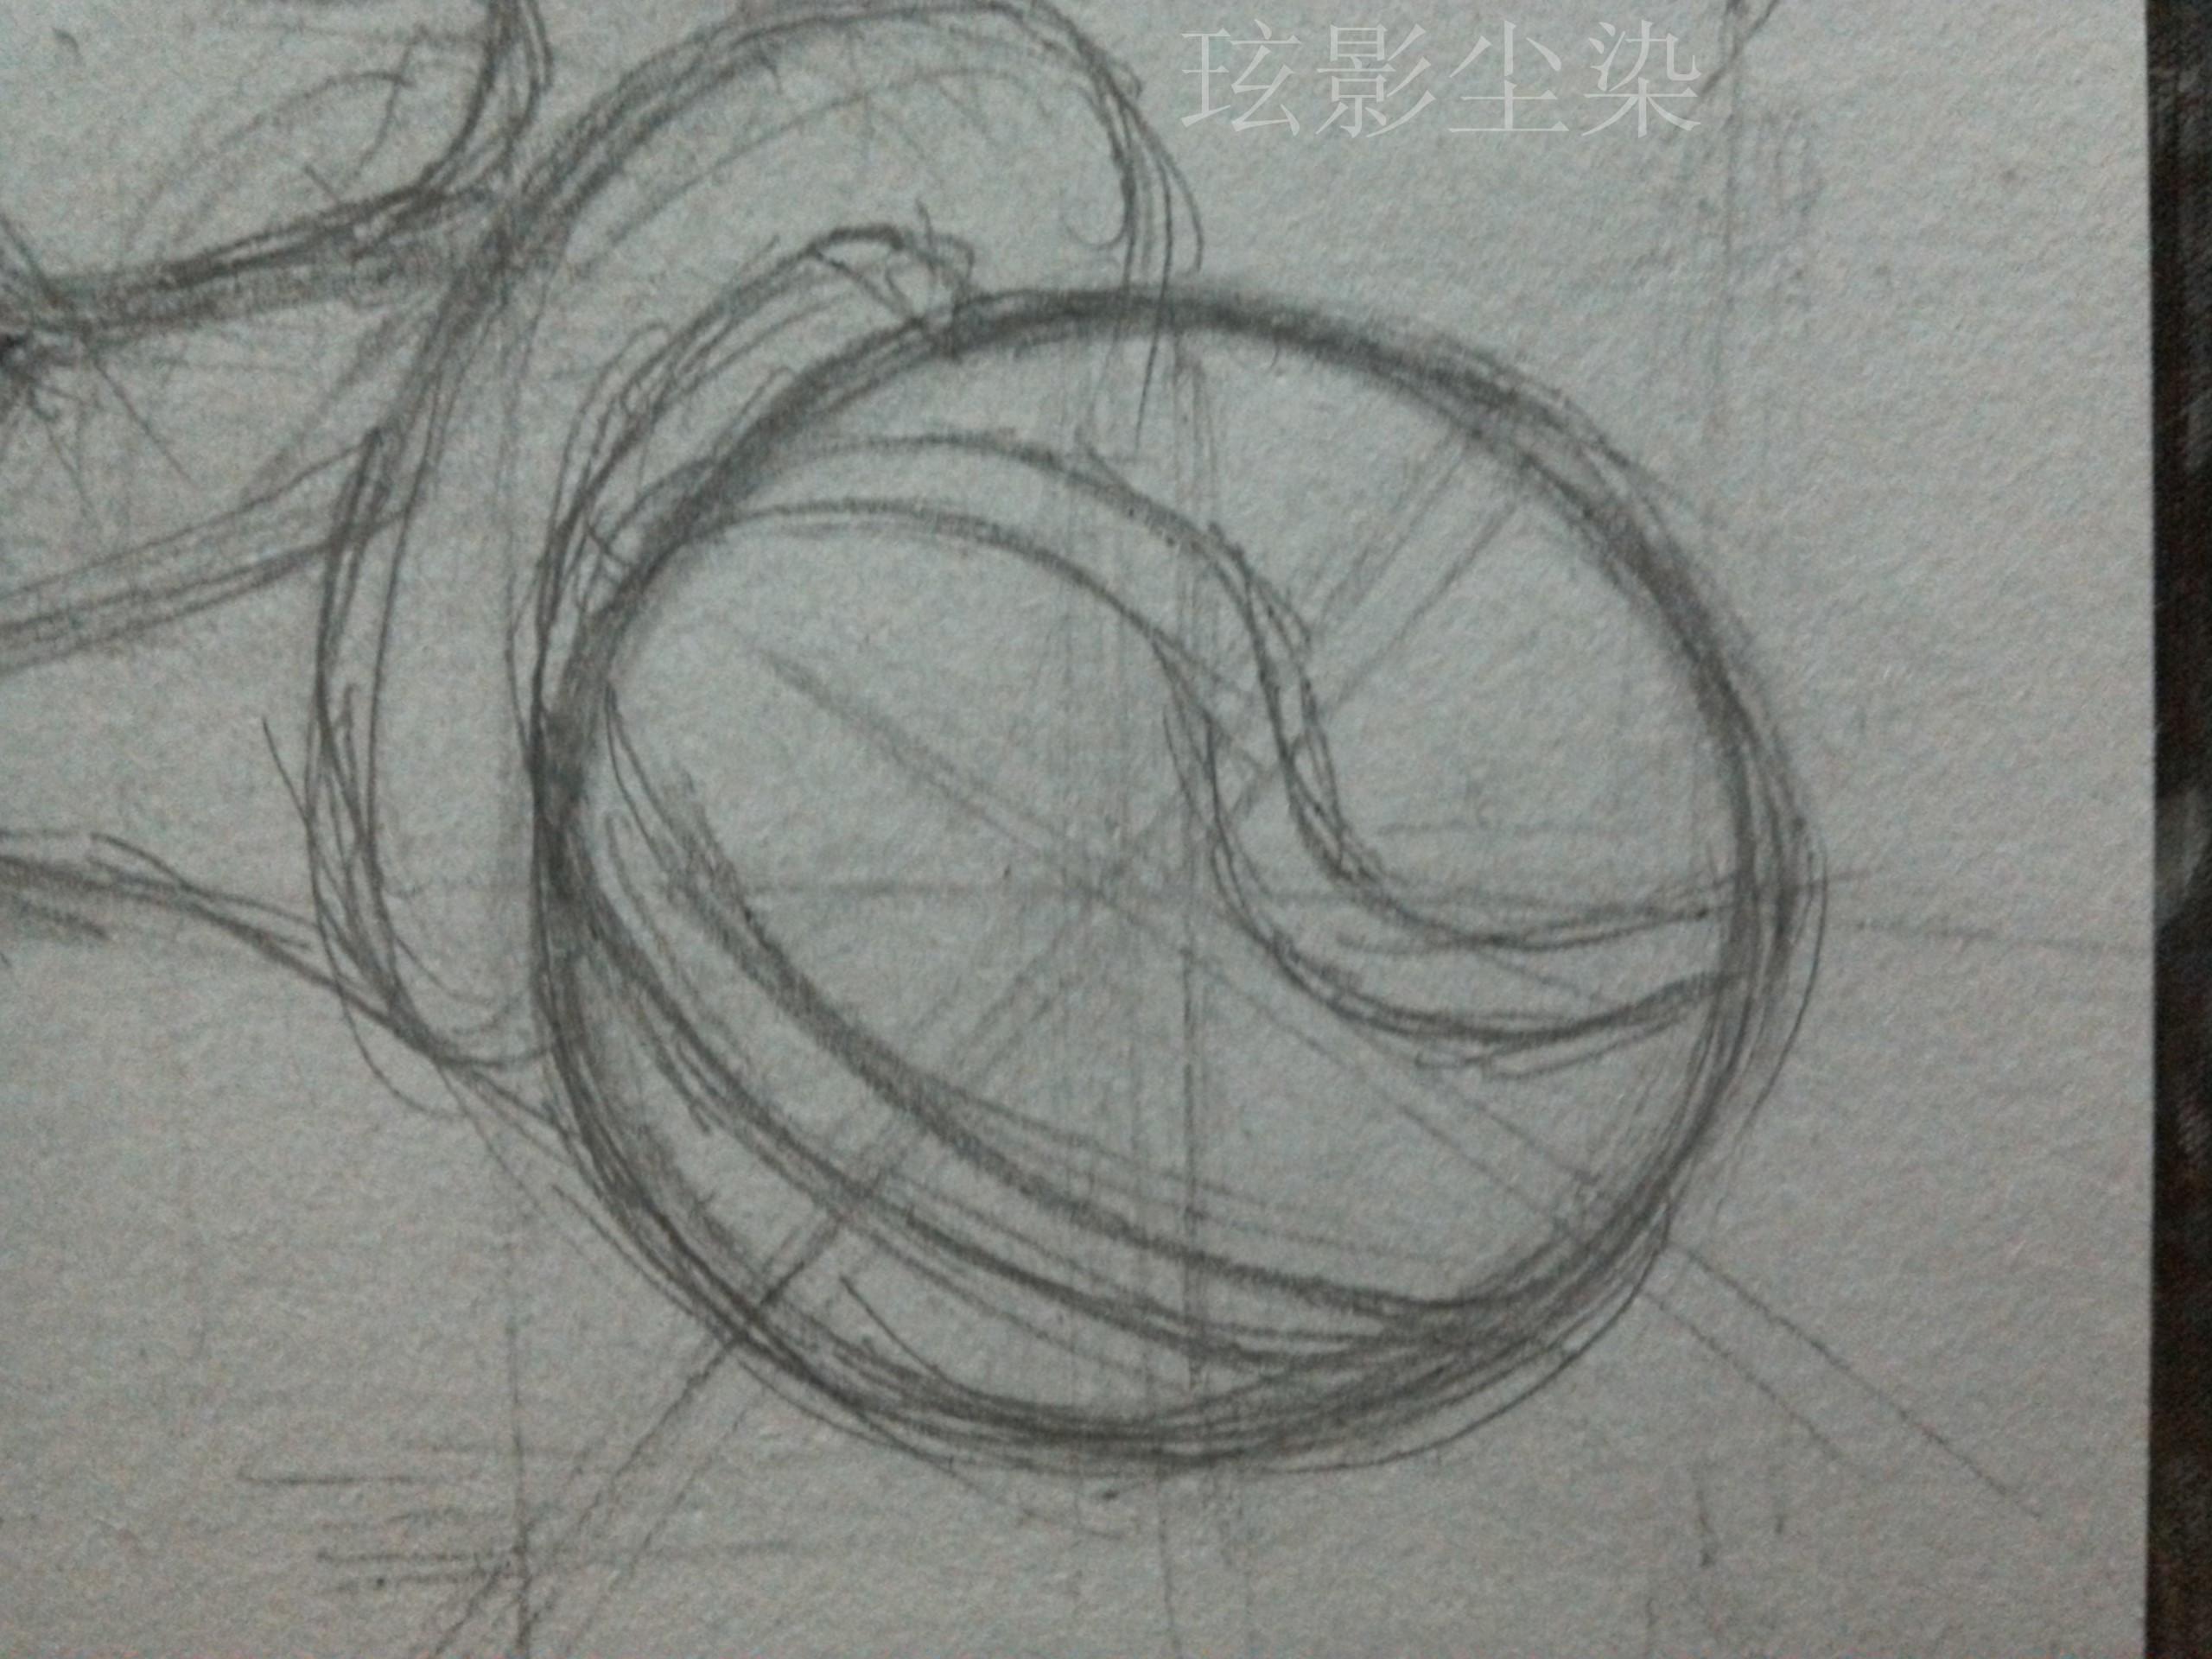 绘画临摹素材 人物线稿手稿素描线条稿插画图集 彩